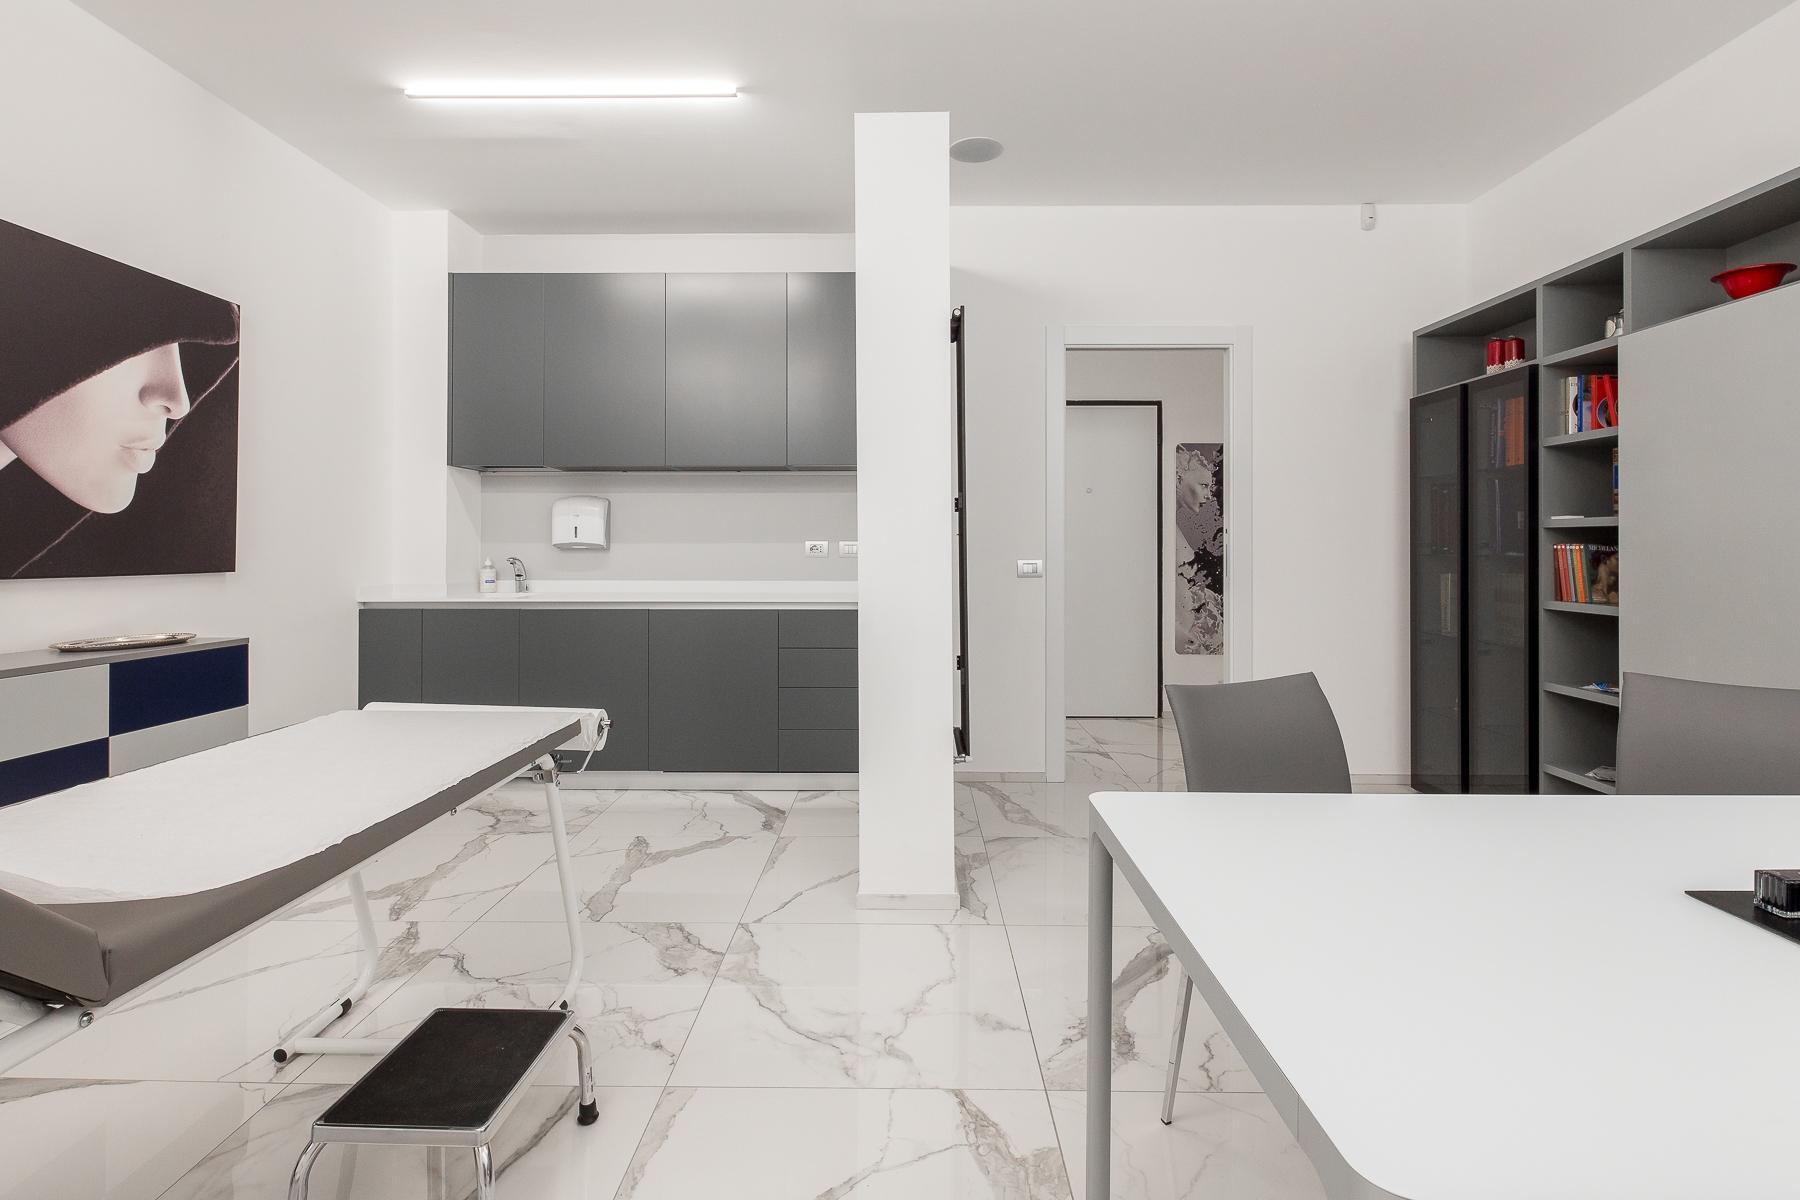 Ufficio-studio in Affitto a Milano via viale bianca maria